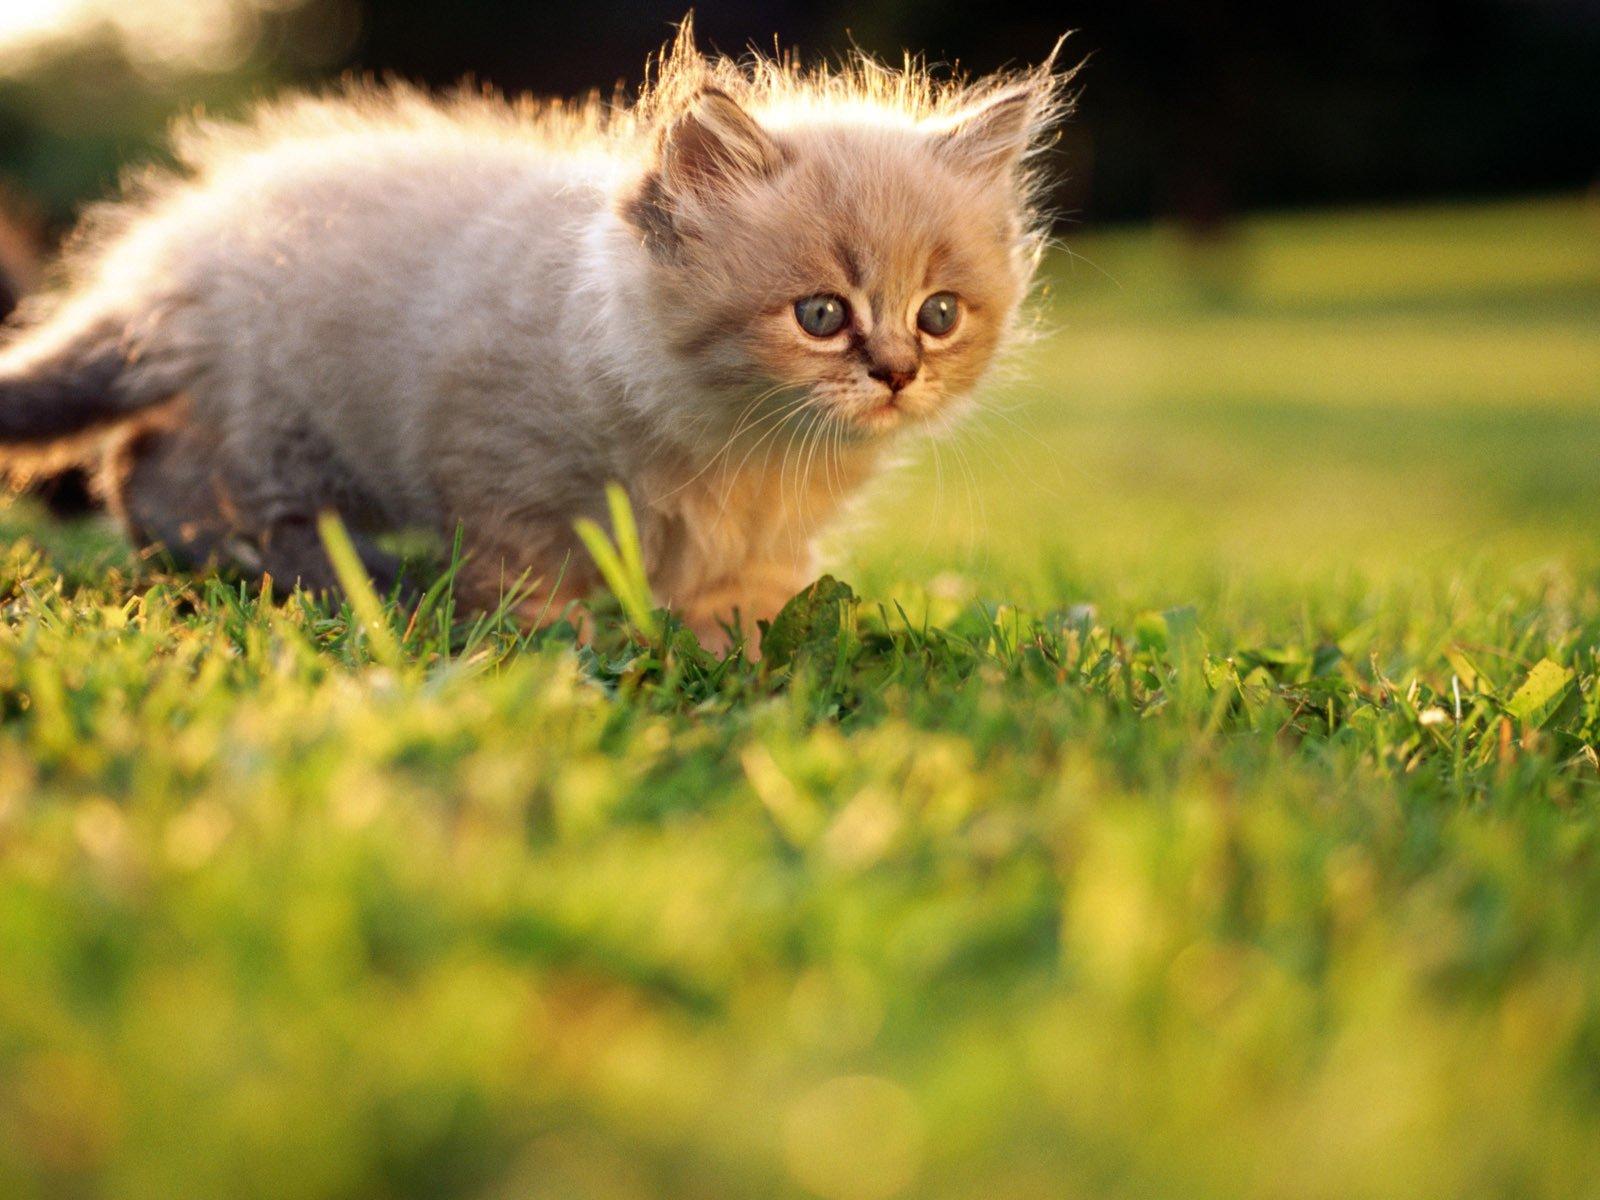 Котенок на траве  № 2959575 бесплатно